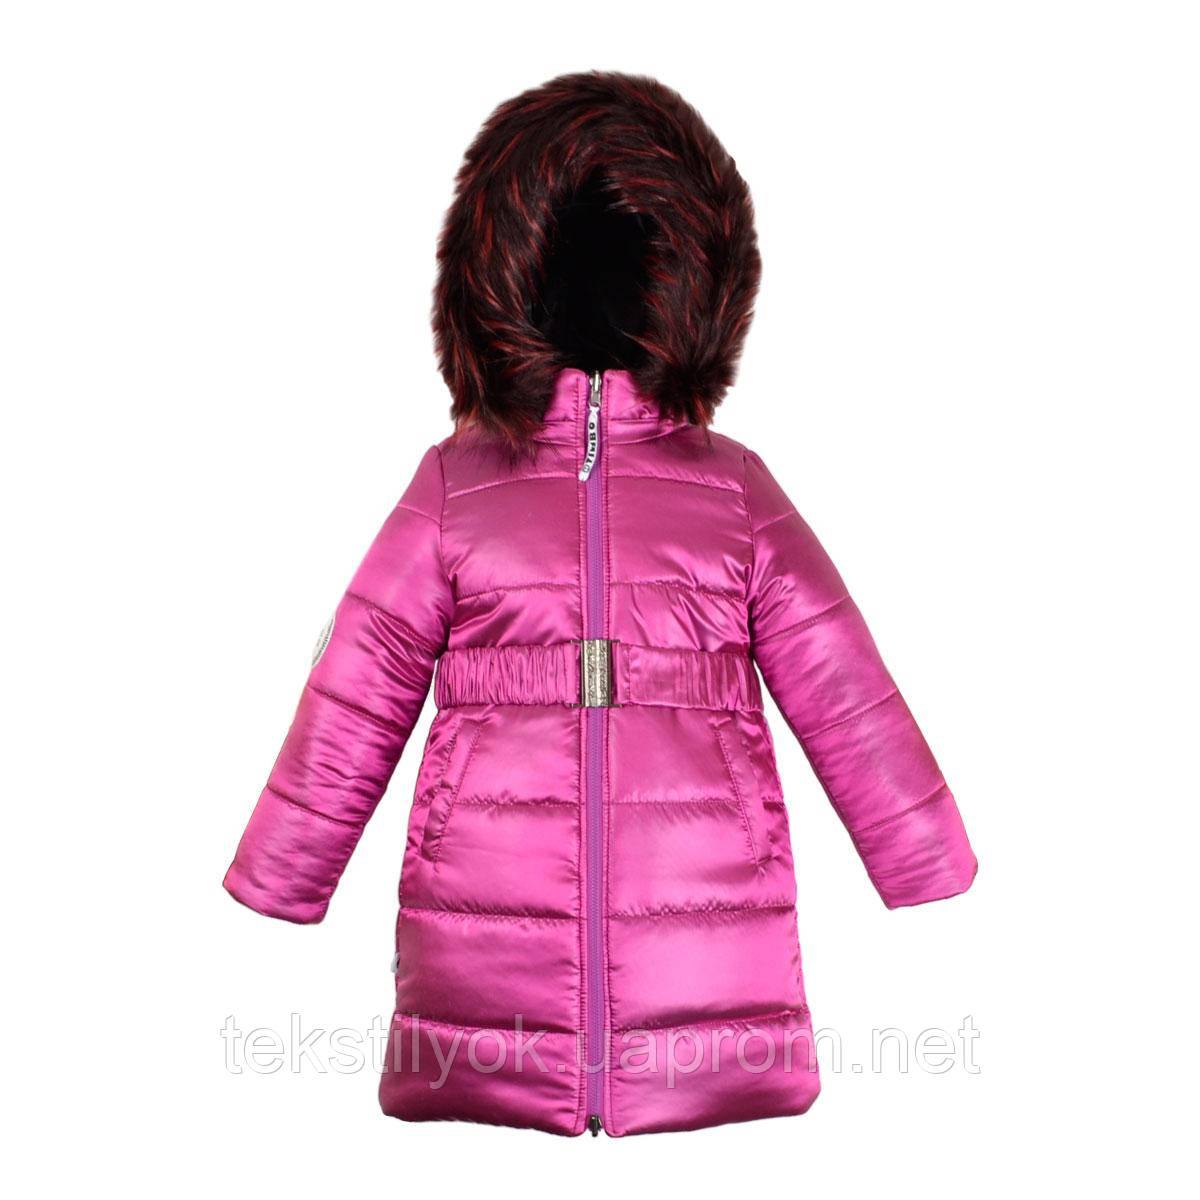 Куртка 30 Купить